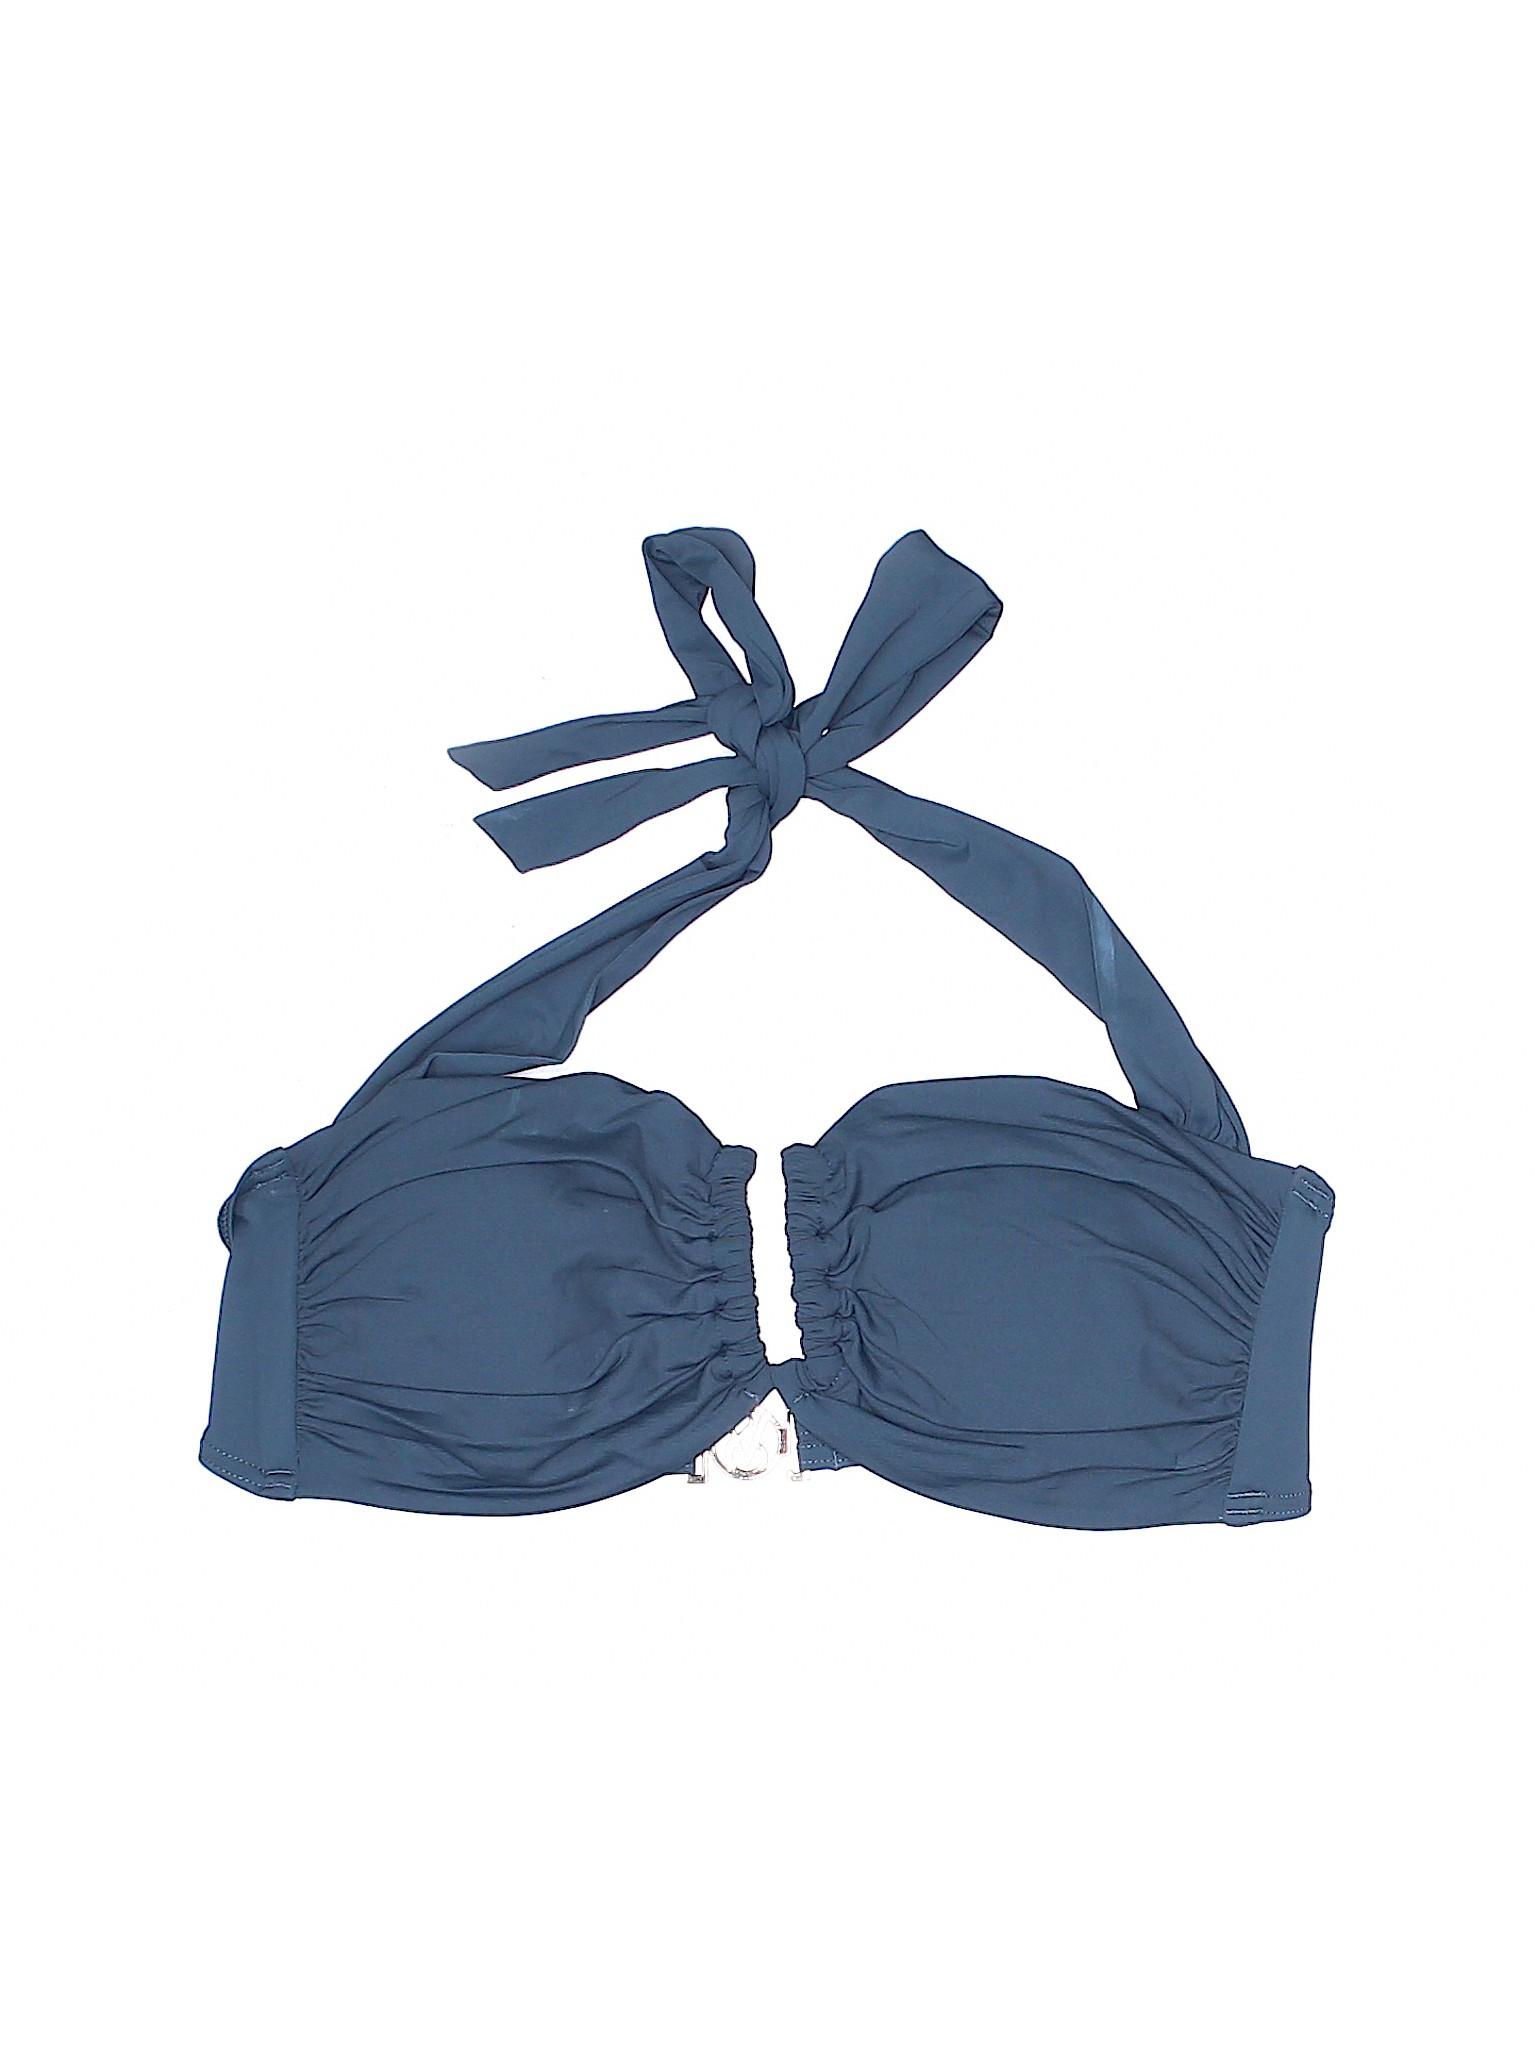 Secret Top Swimsuit Boutique Top Boutique Victoria's Boutique Swimsuit Top Victoria's Secret Victoria's Swimsuit Secret qI7wBwFP